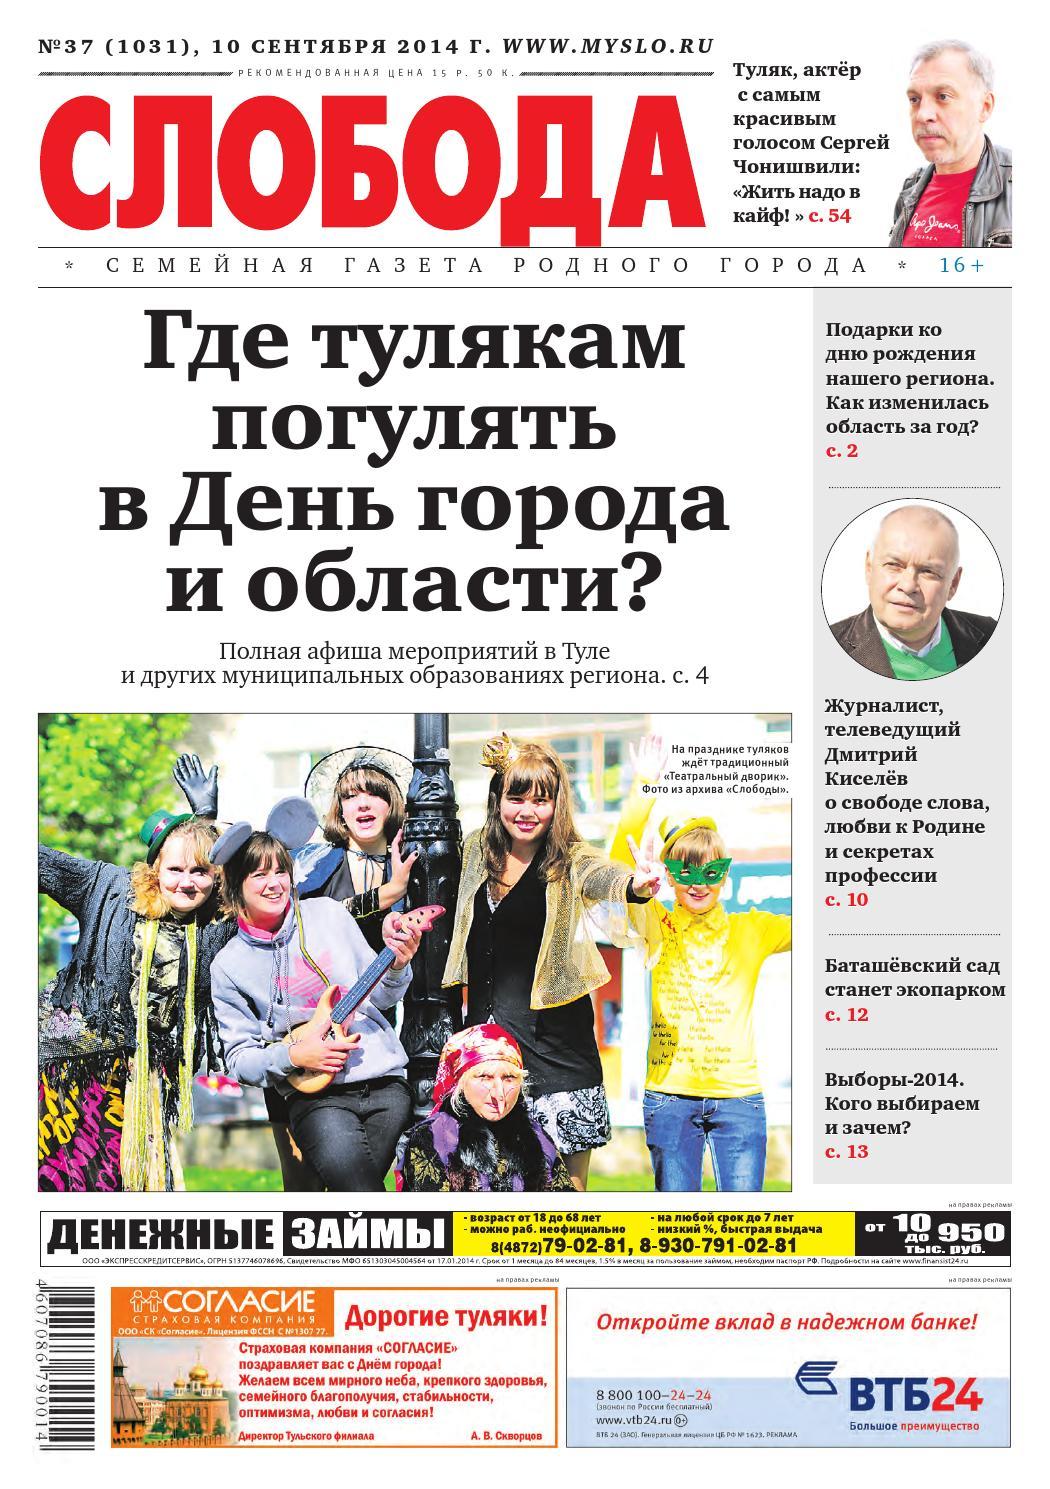 знакомства по газете в туле 2016